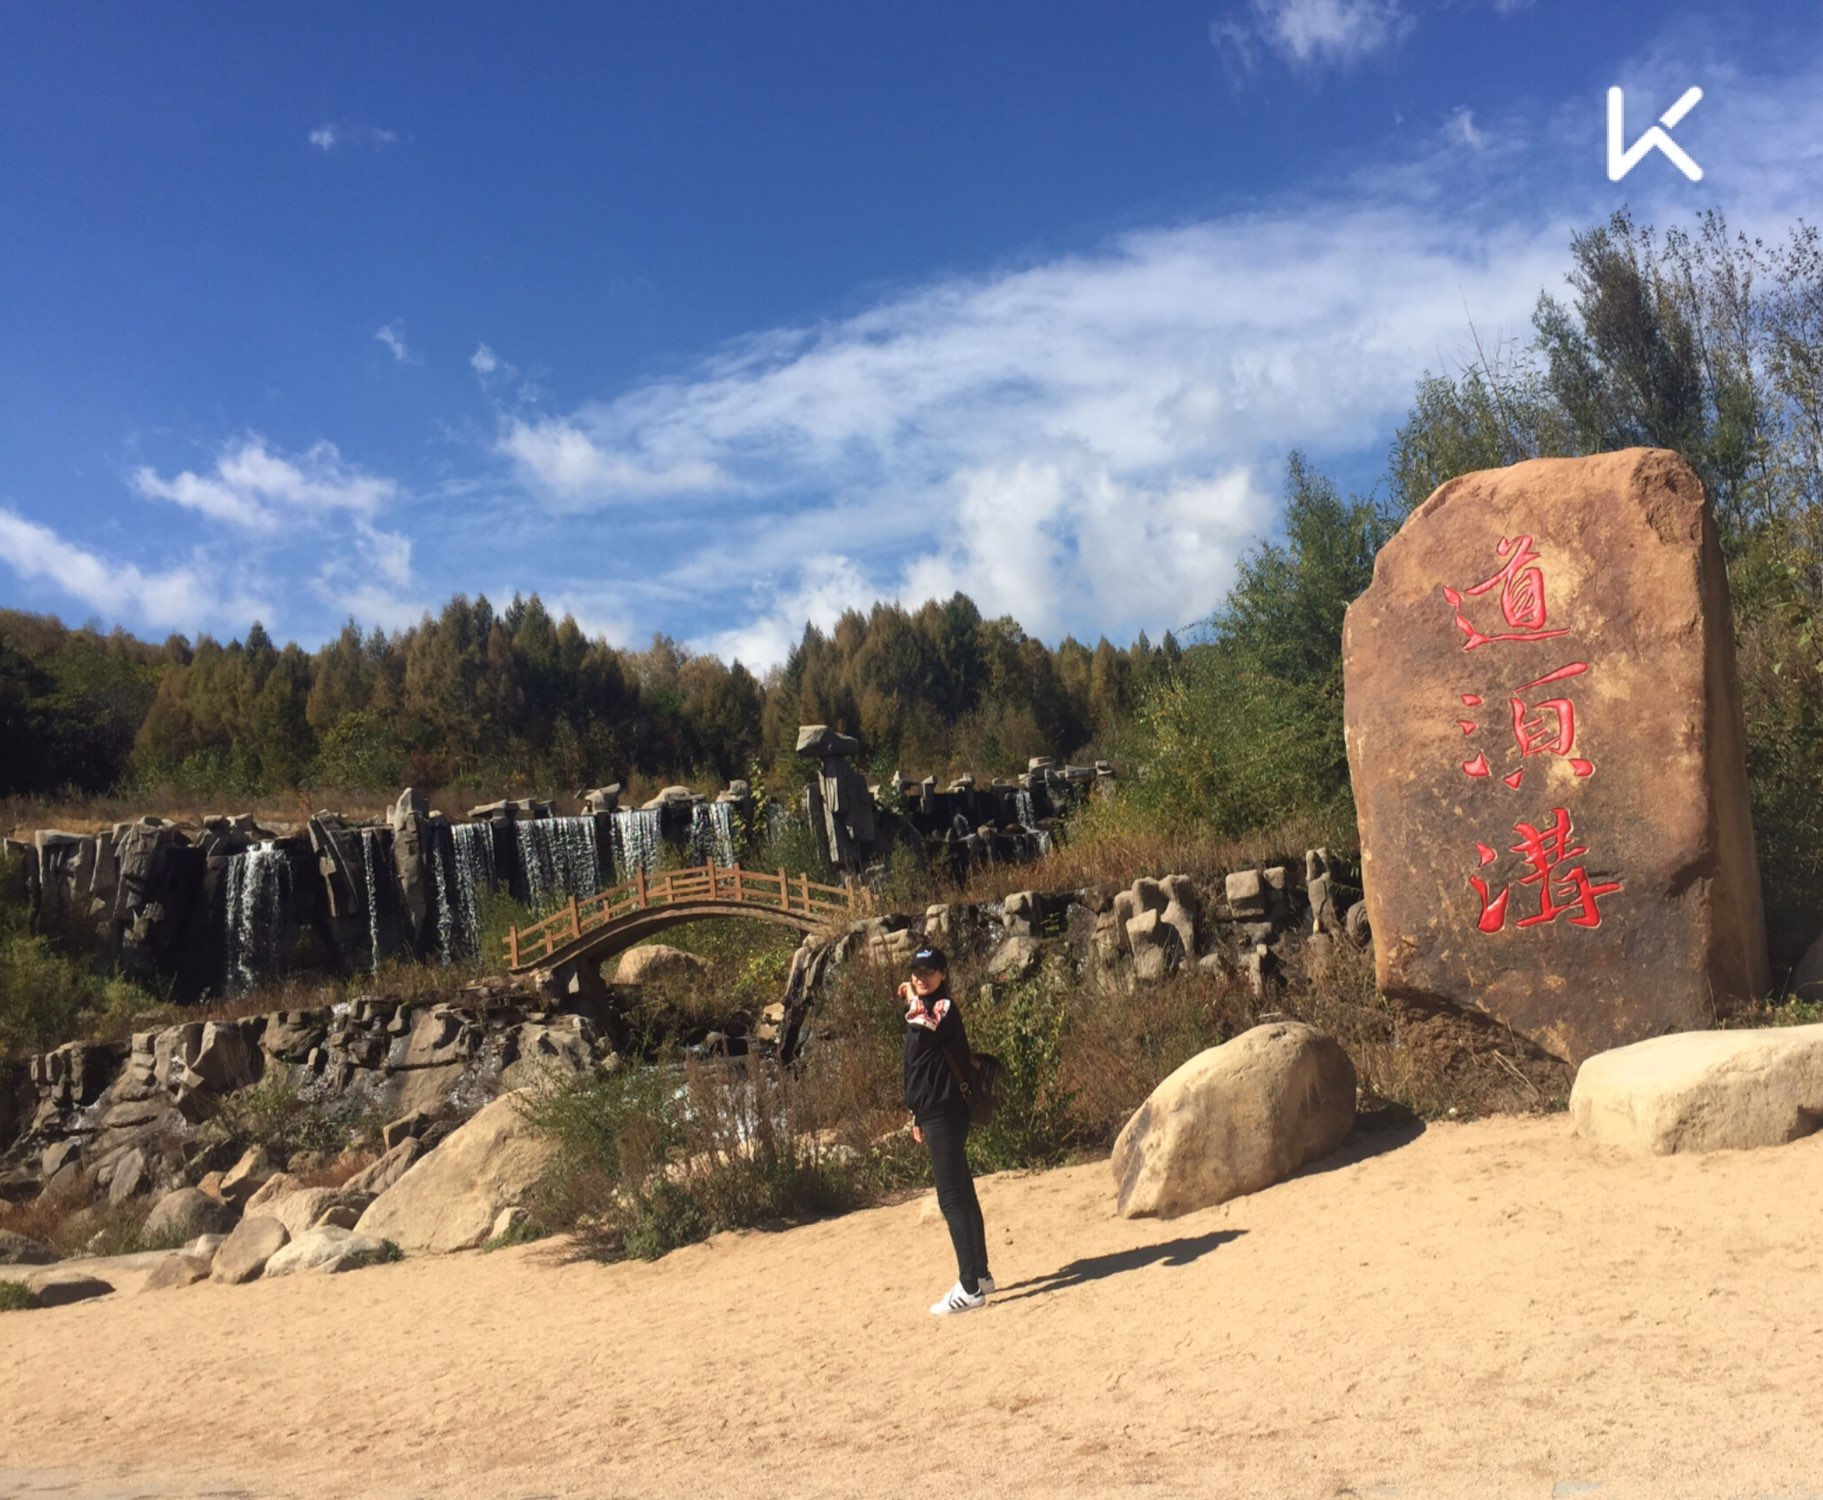 到宁城热水泡温泉,一定要去道须沟景区,顺便去打虎石水库吃鱼